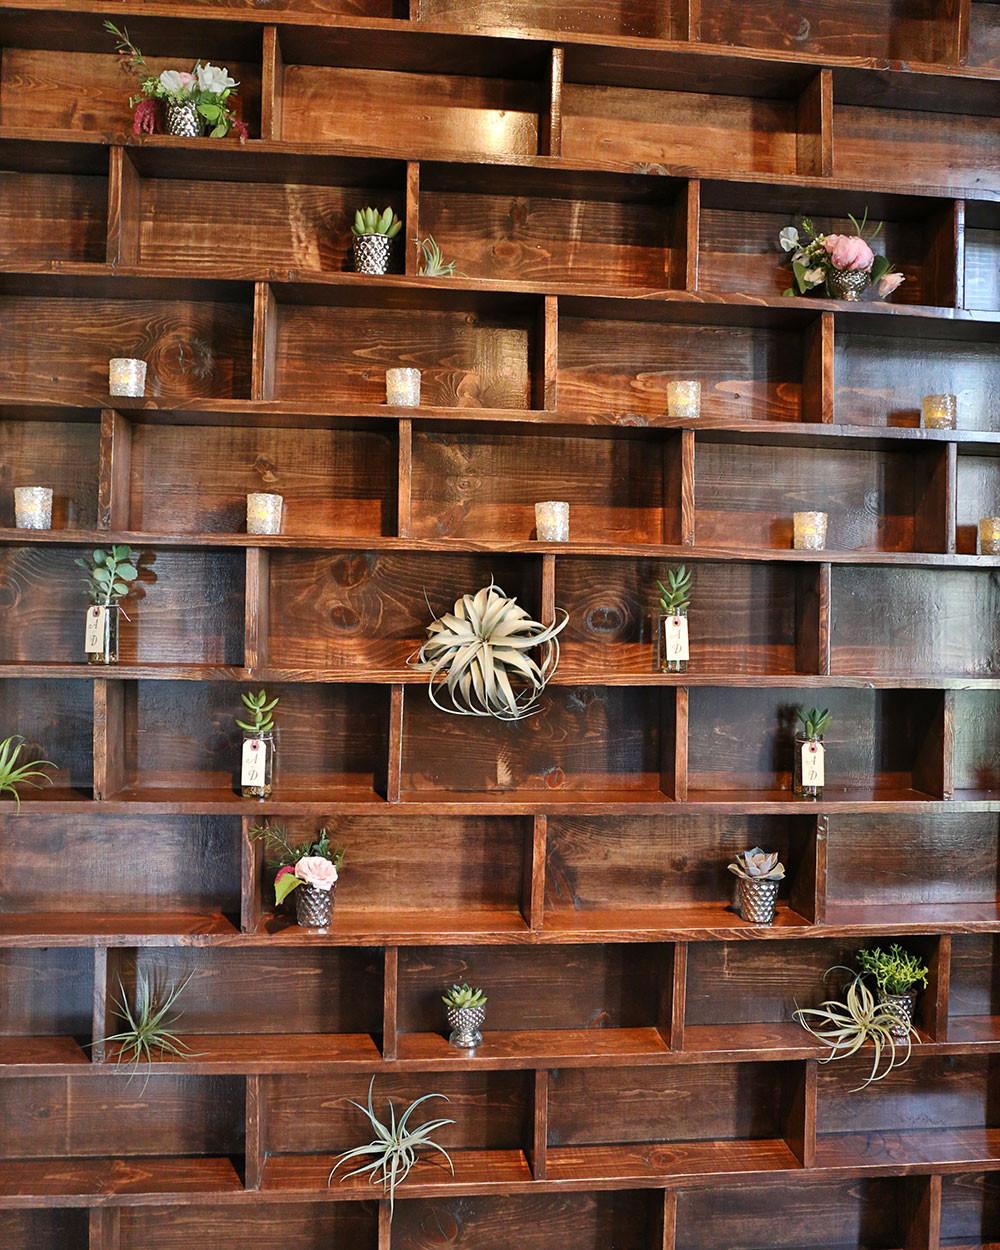 Vertical Walls